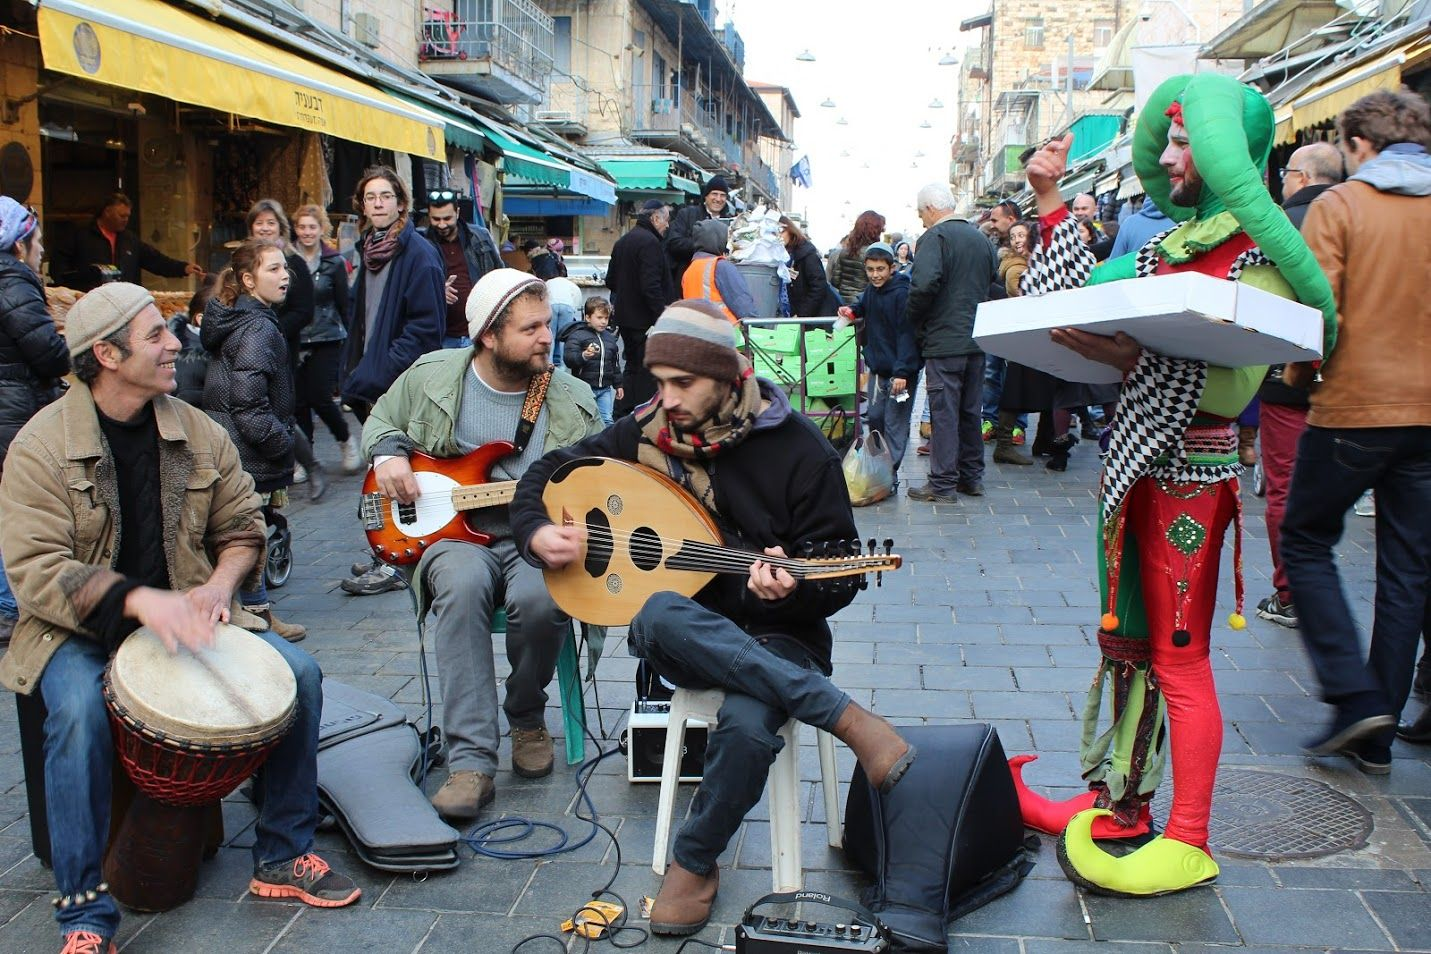 Itaï joue de l'oud, accompagné de djembé et de guitare bass, l'arlequin offre des beignets aux enfants, Mahane Yéhouda, Jérusalem, le 28 décembre 2016